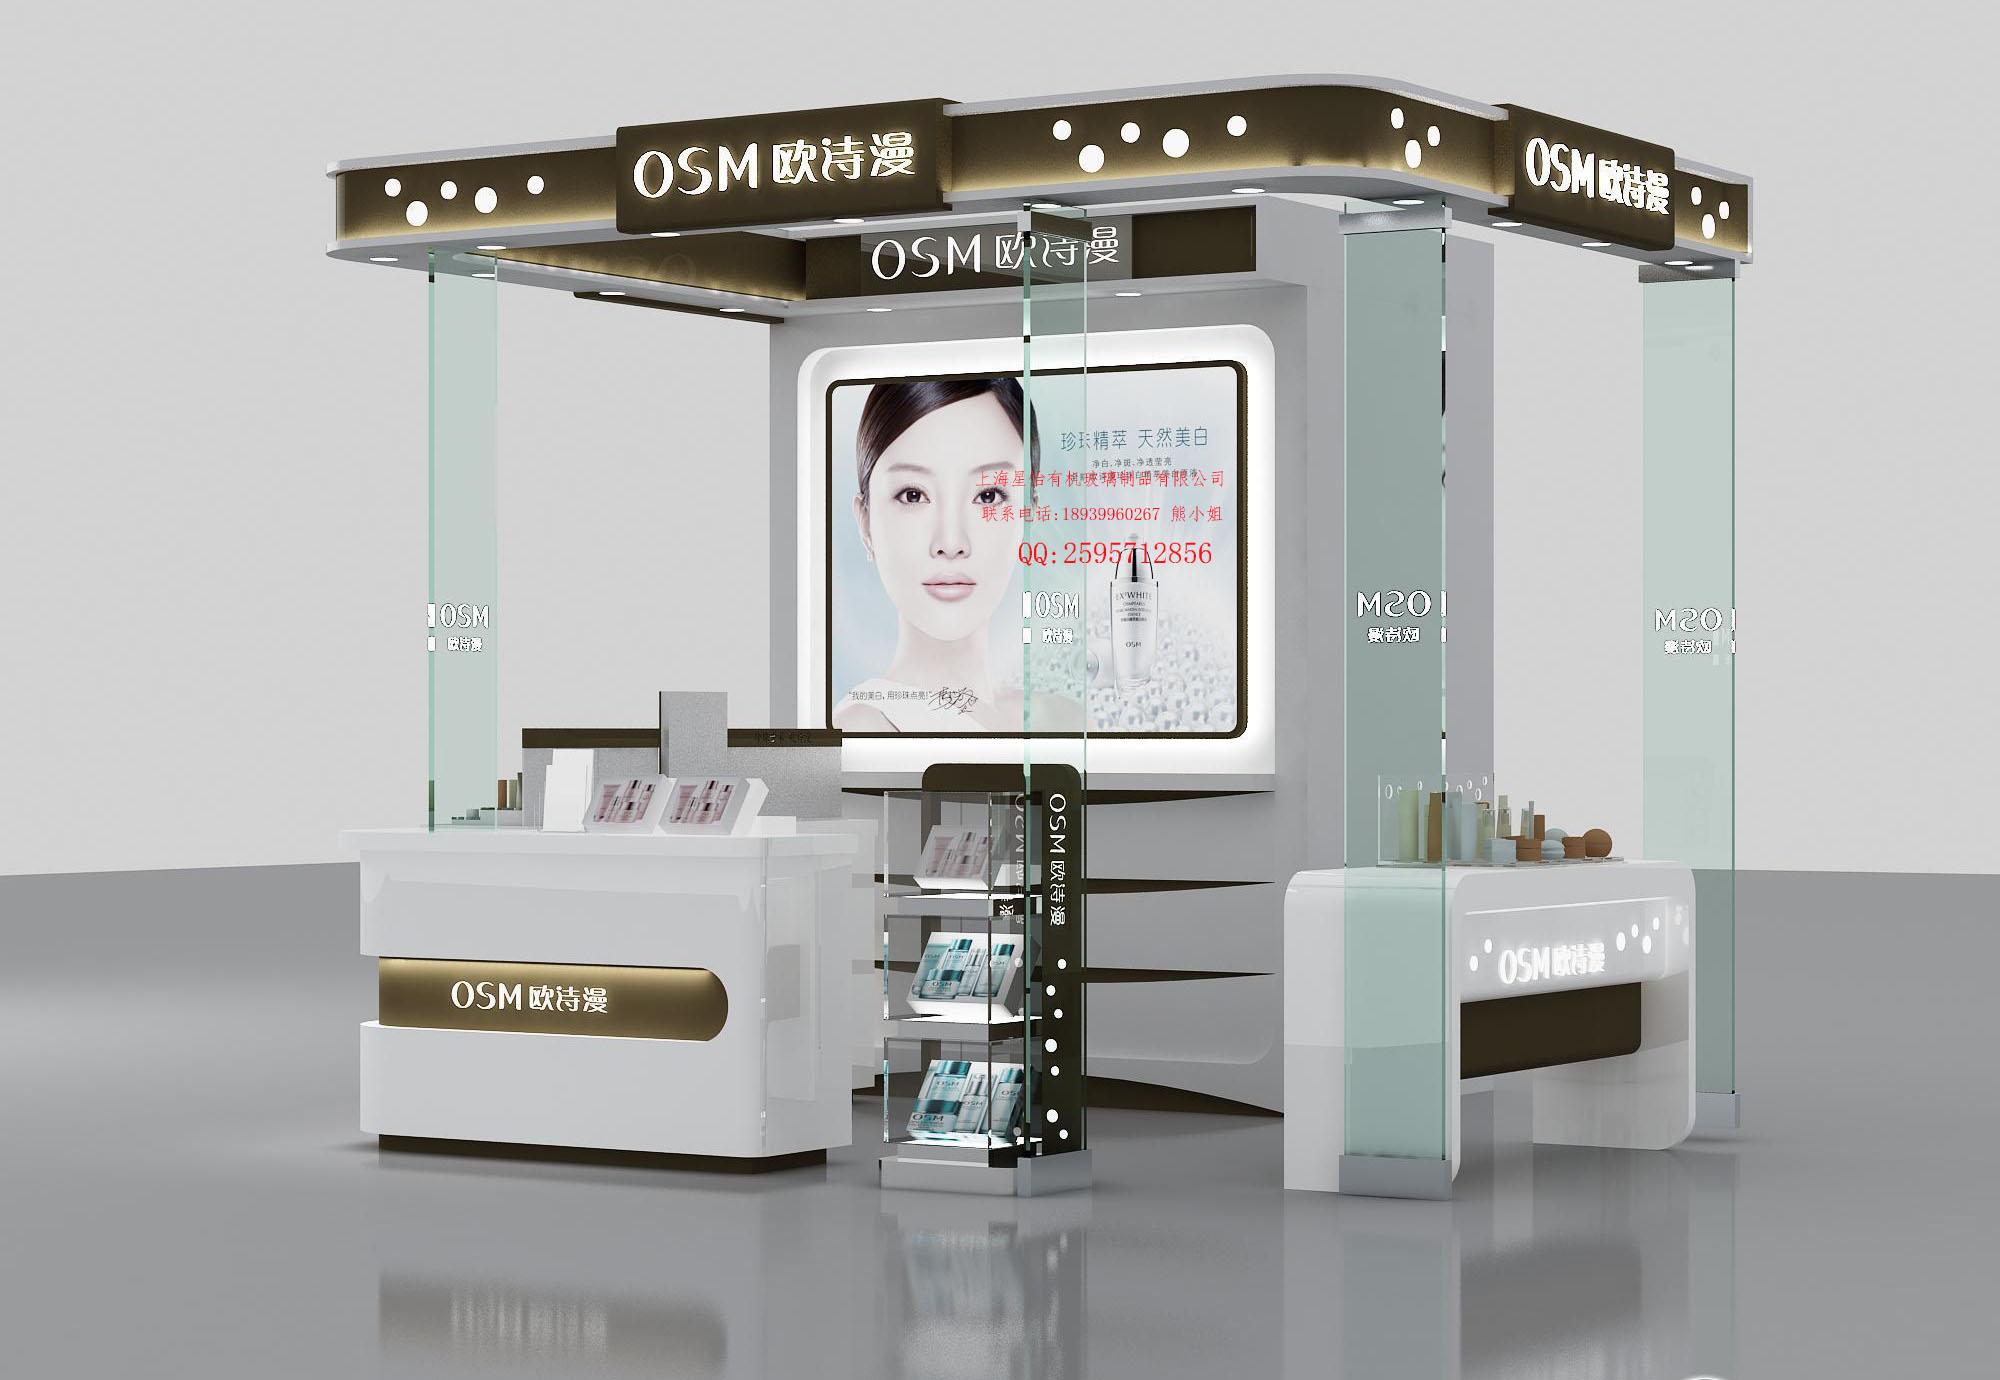 关于亚克力展示架市场供过于求的说法-淘宝网亚克力化妆品产品展示